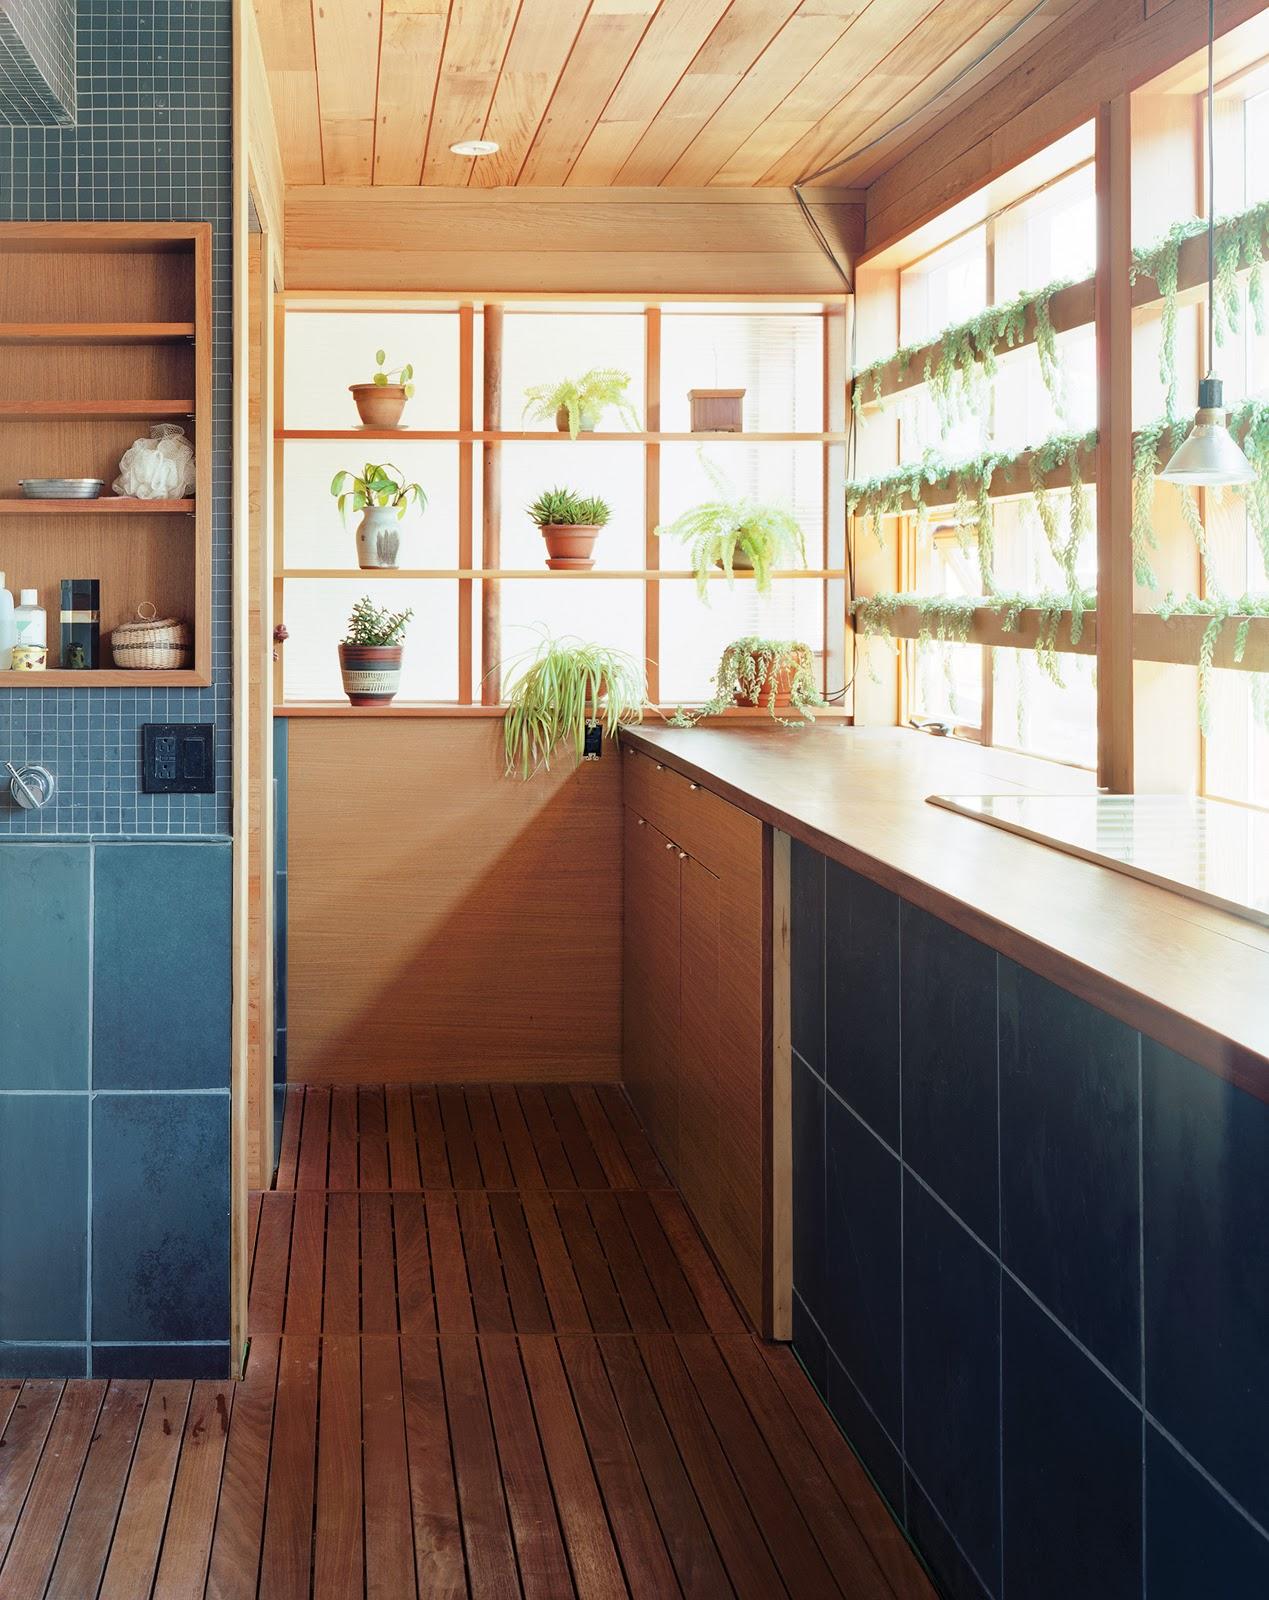 Stadt-Haus in Toronto - Umbau einer Fabrik zum ökologisch nachhaltigem Heim